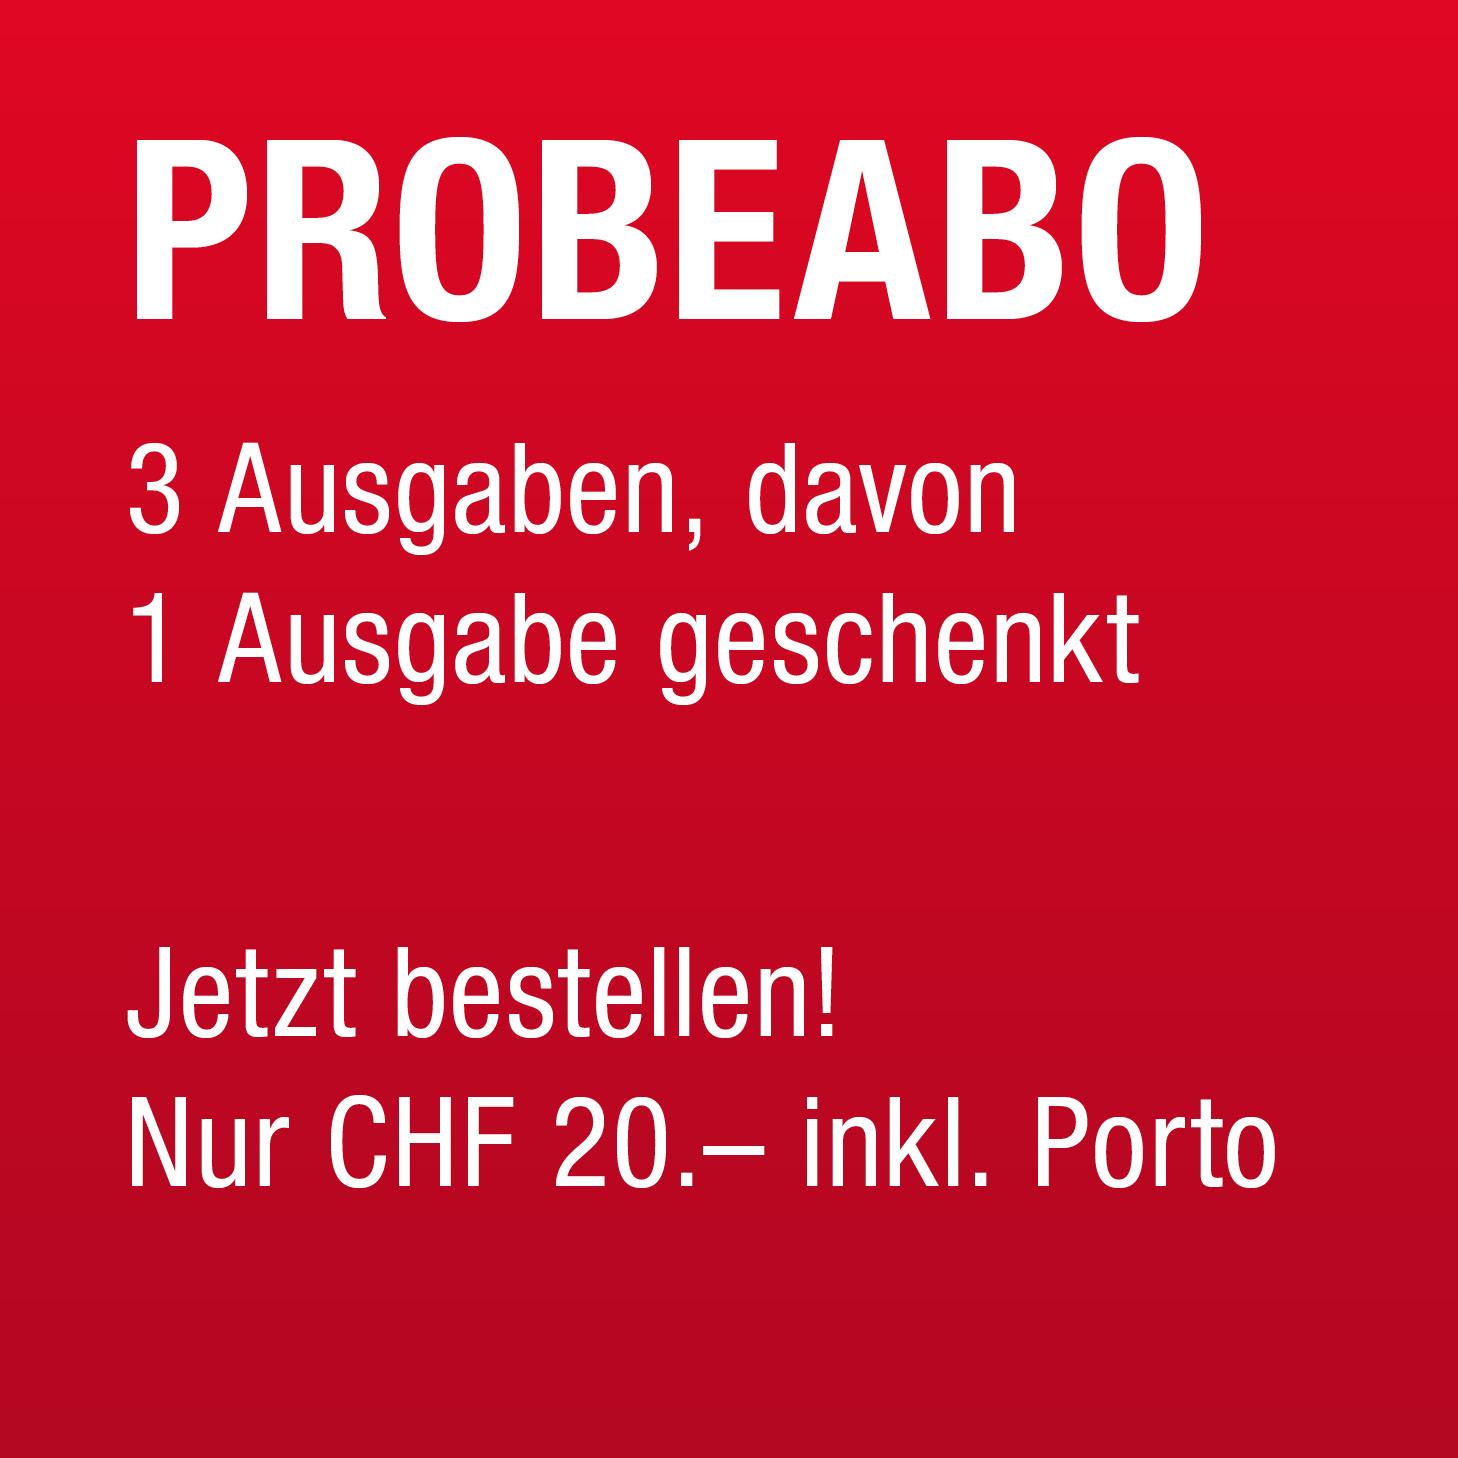 Probeabo jetzt bestellen